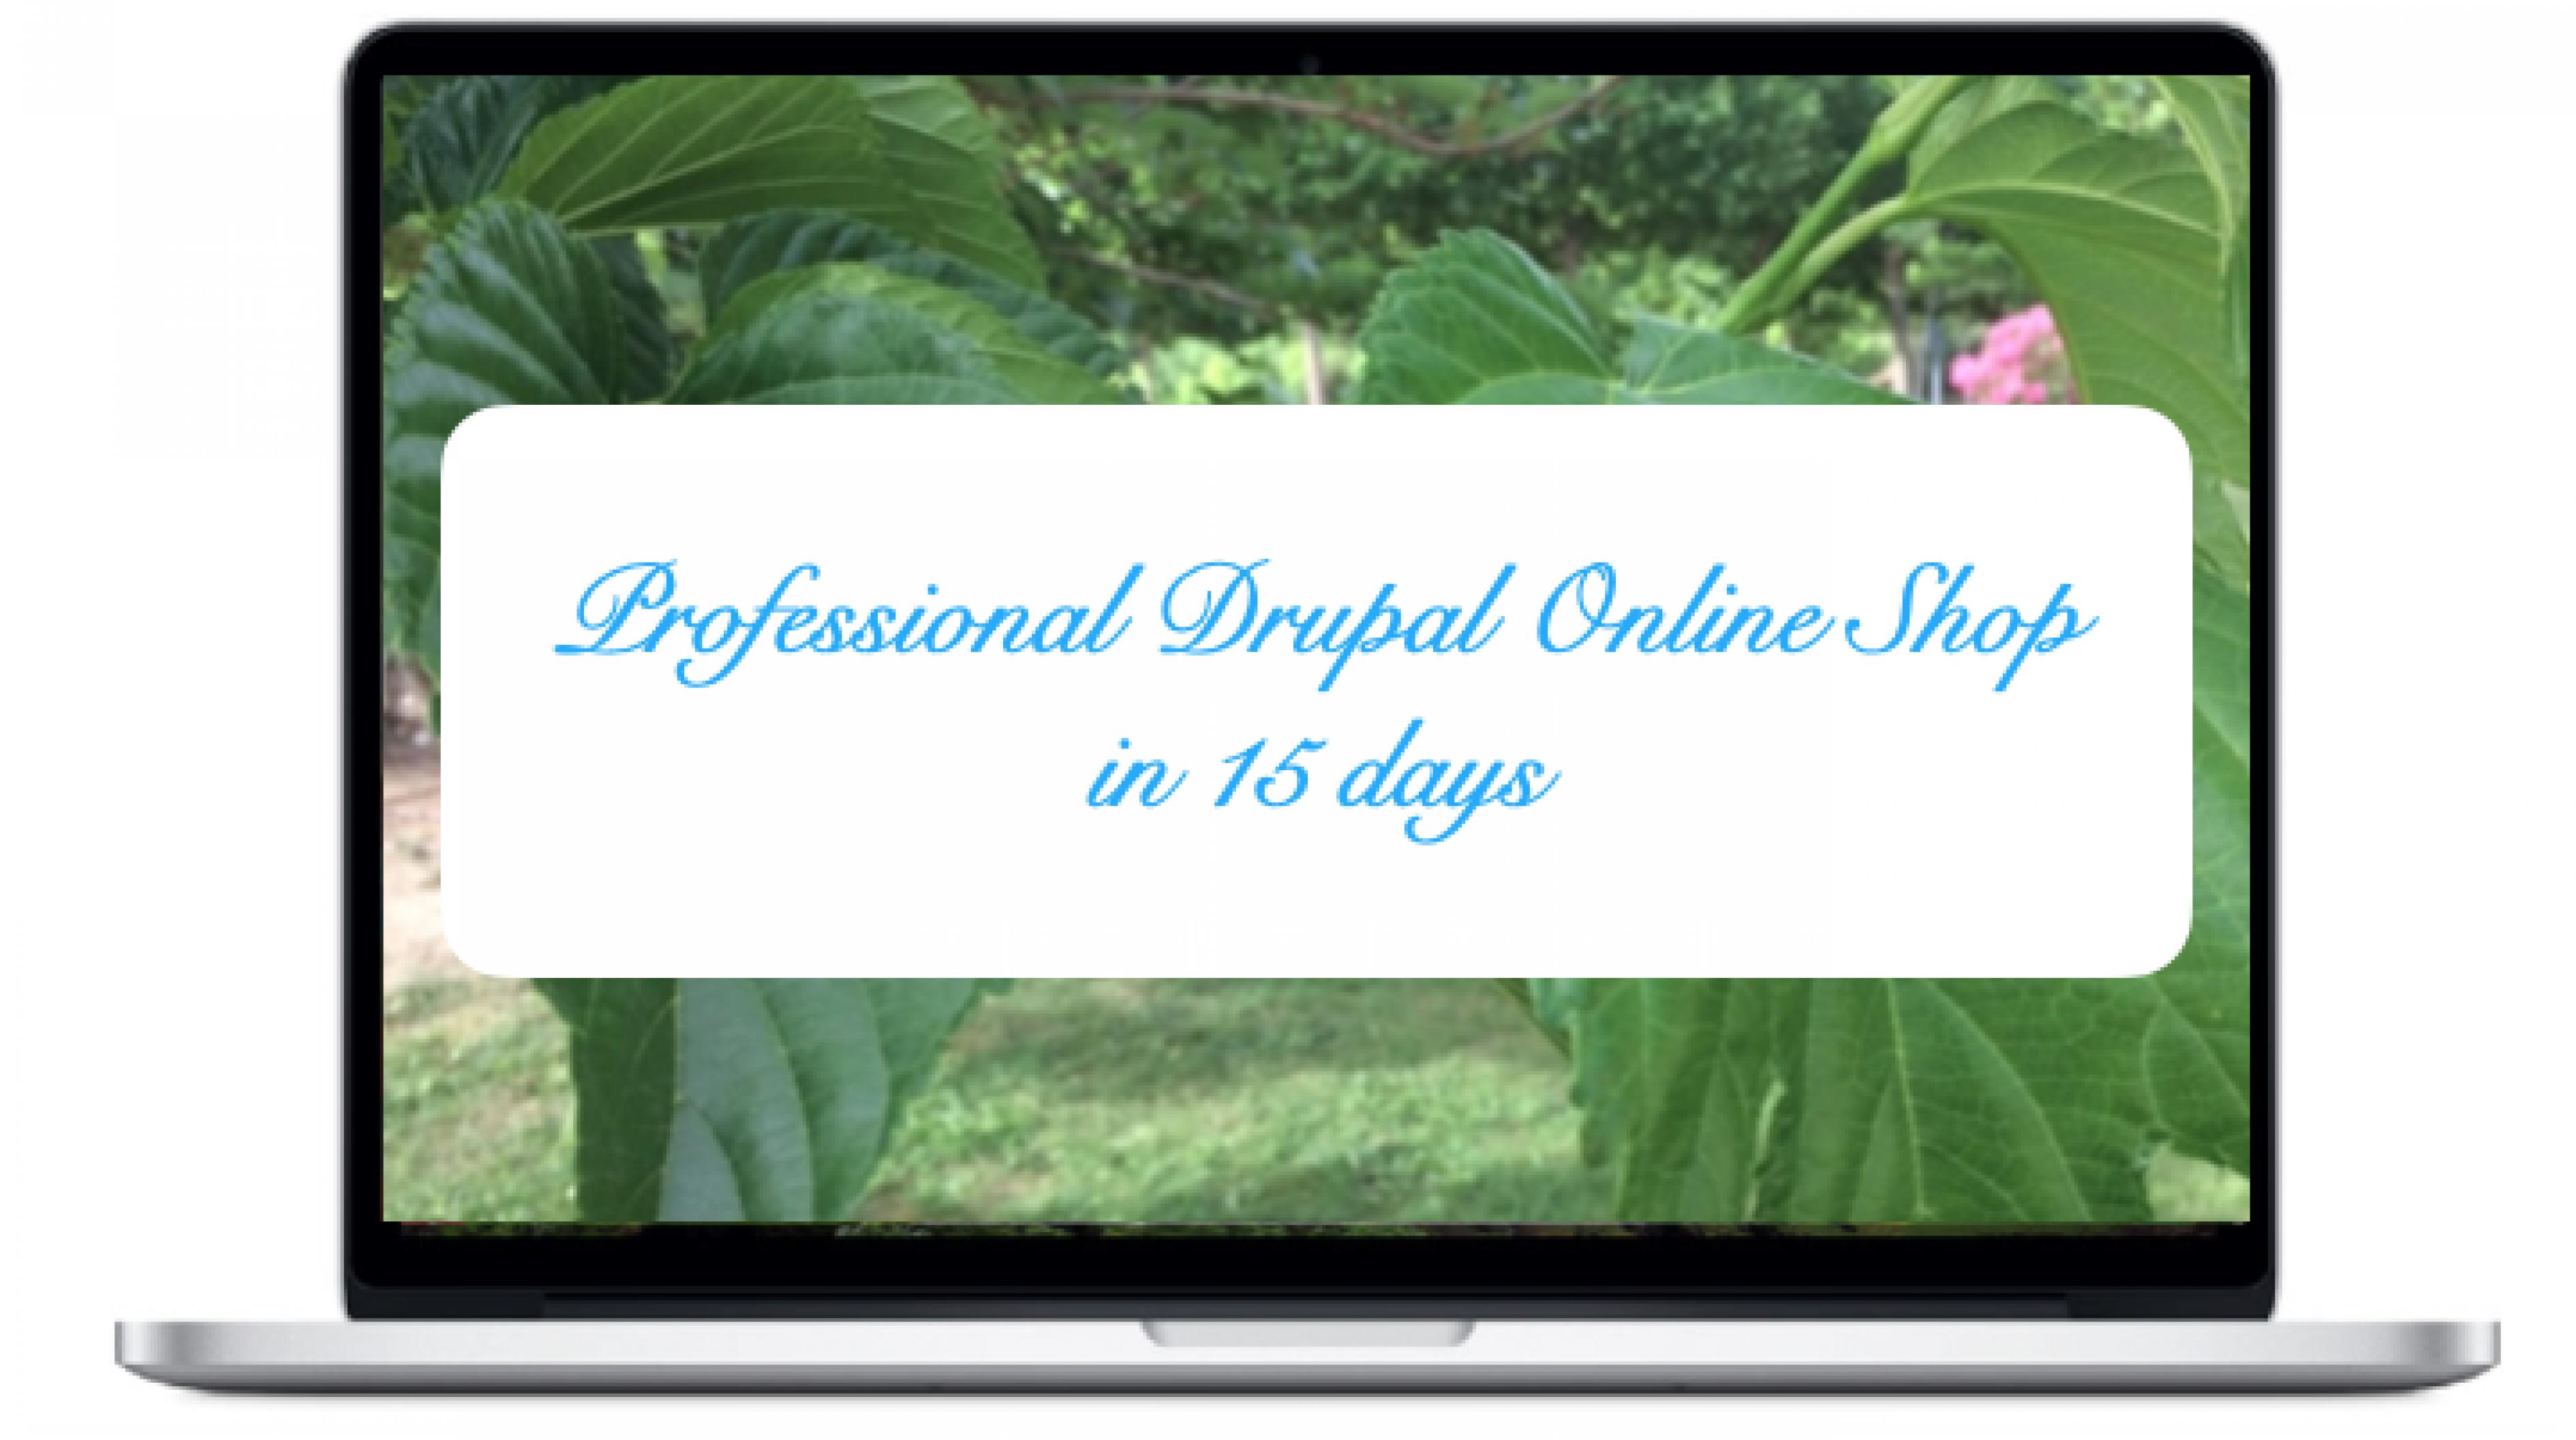 professional-drupal-online-shop-in-15-days.png